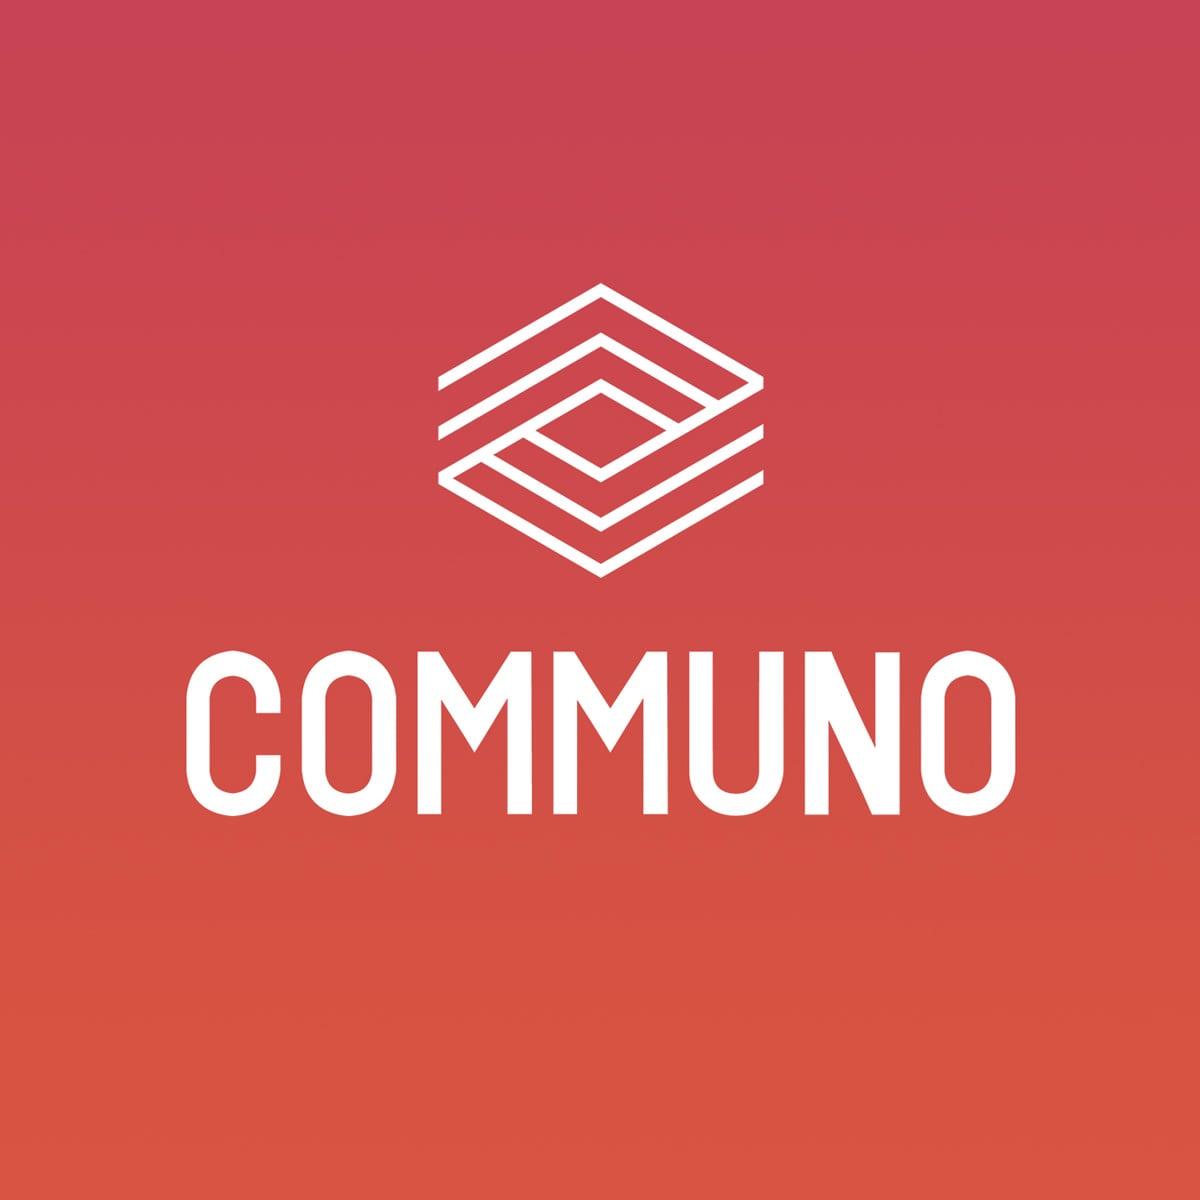 Communo.com